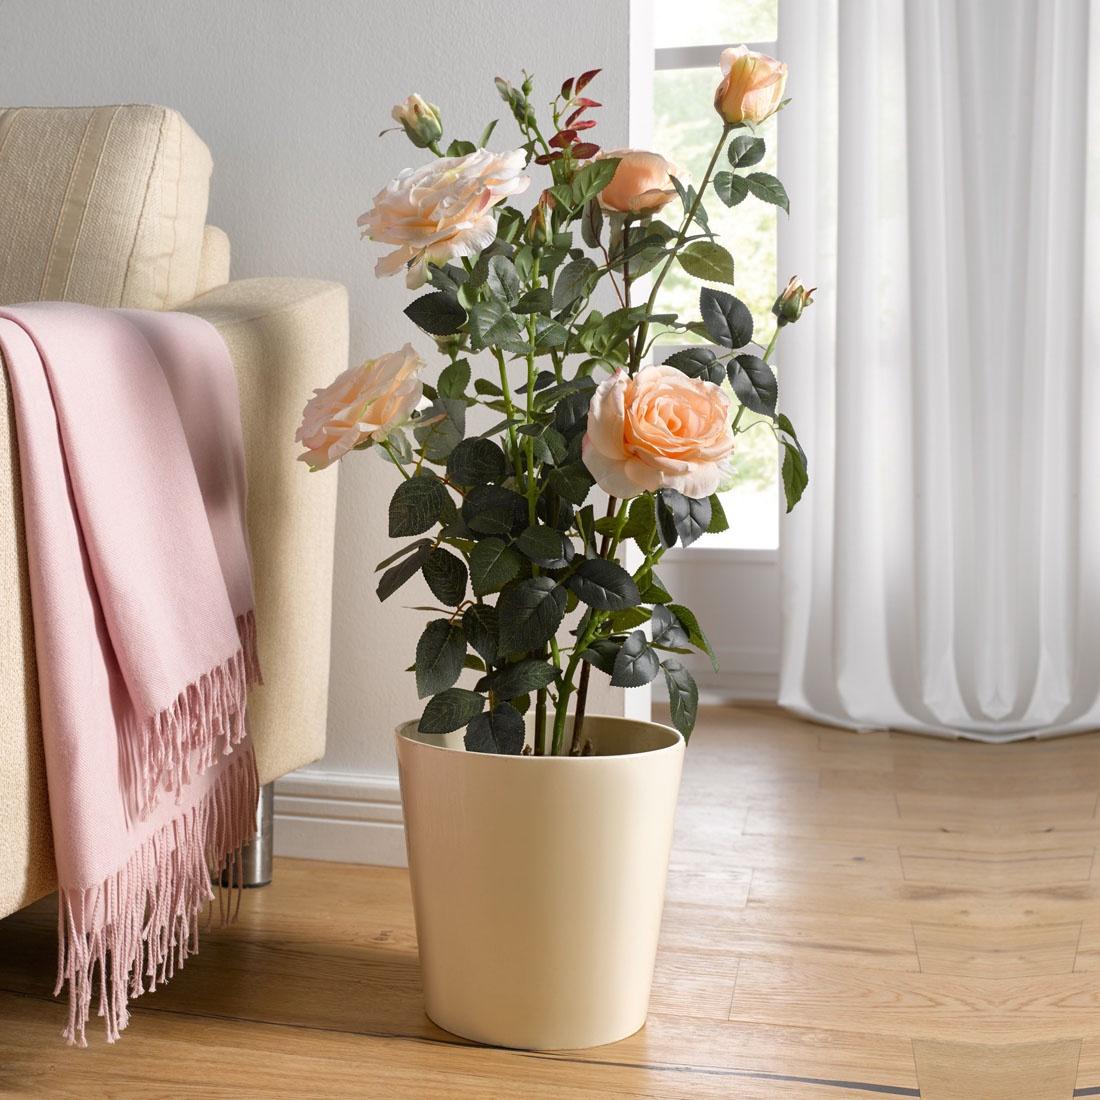 Искусственные цветы ХИТ - декор